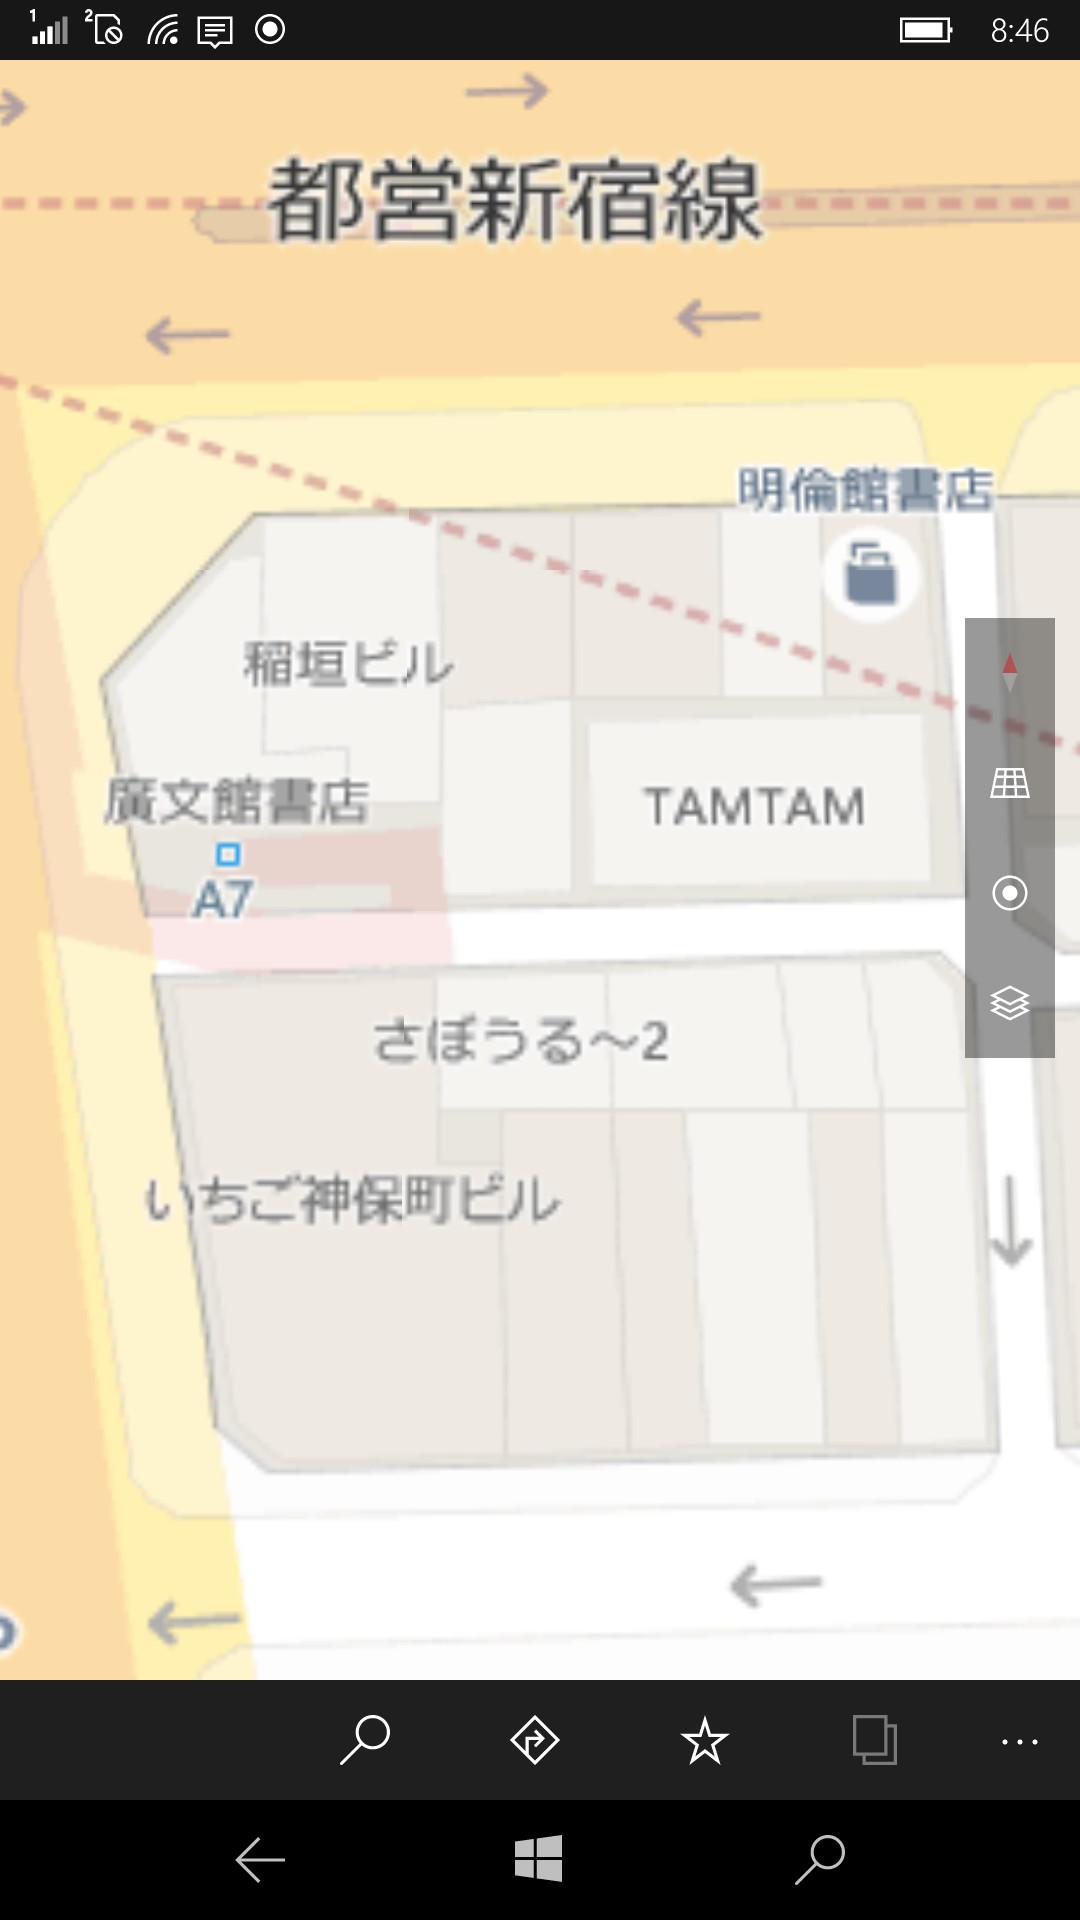 編集部のある神保町周辺を最大限に拡大した状態。書店名や喫茶店の名前なども表示されるため、道に迷った時もひと目でわかる